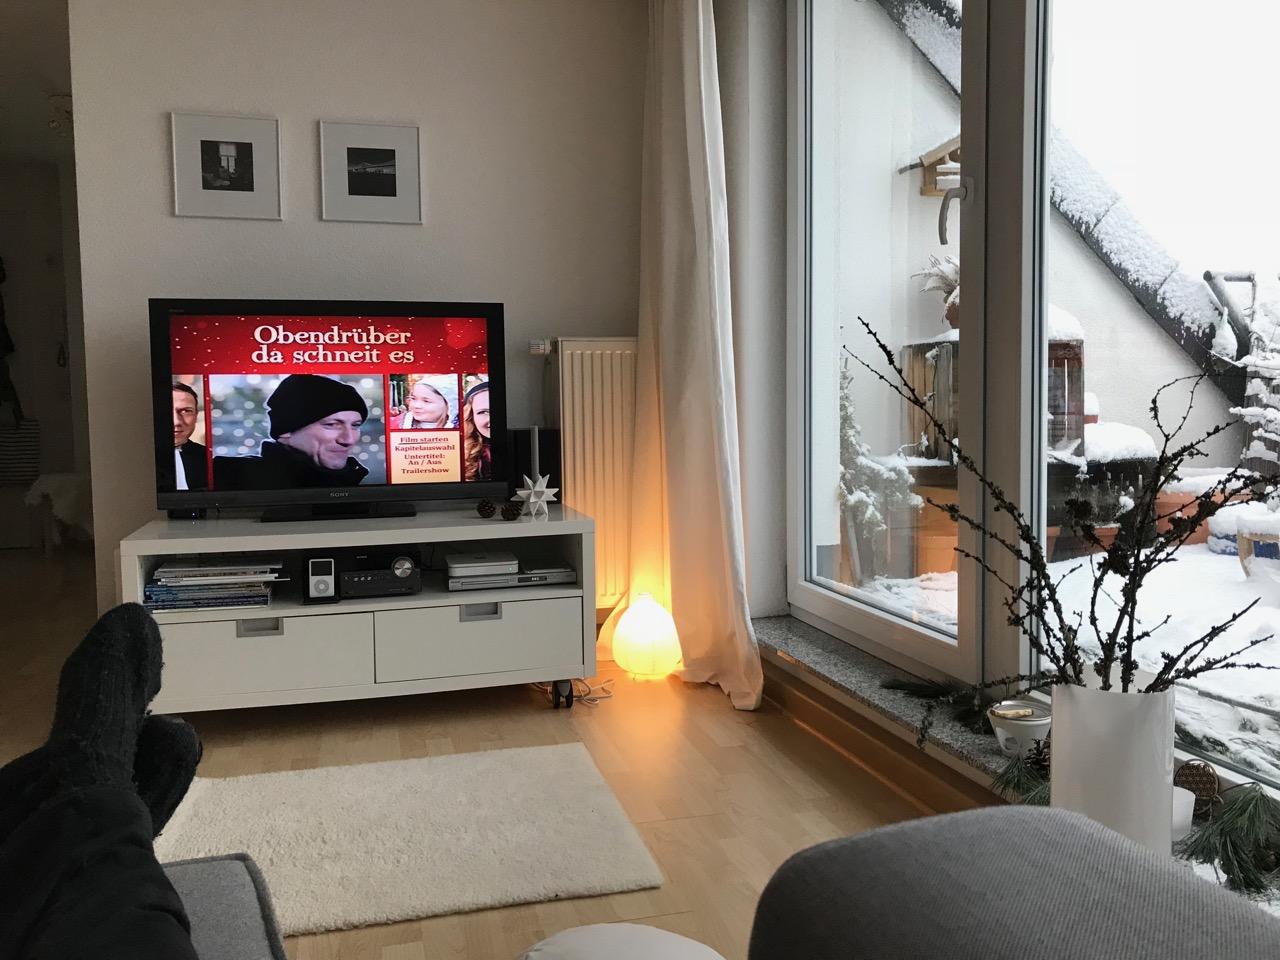 """Blick auf den TV mit dem Film """"Obendrüber das schneit es"""" und Blick auf die verschneite Terrasse"""